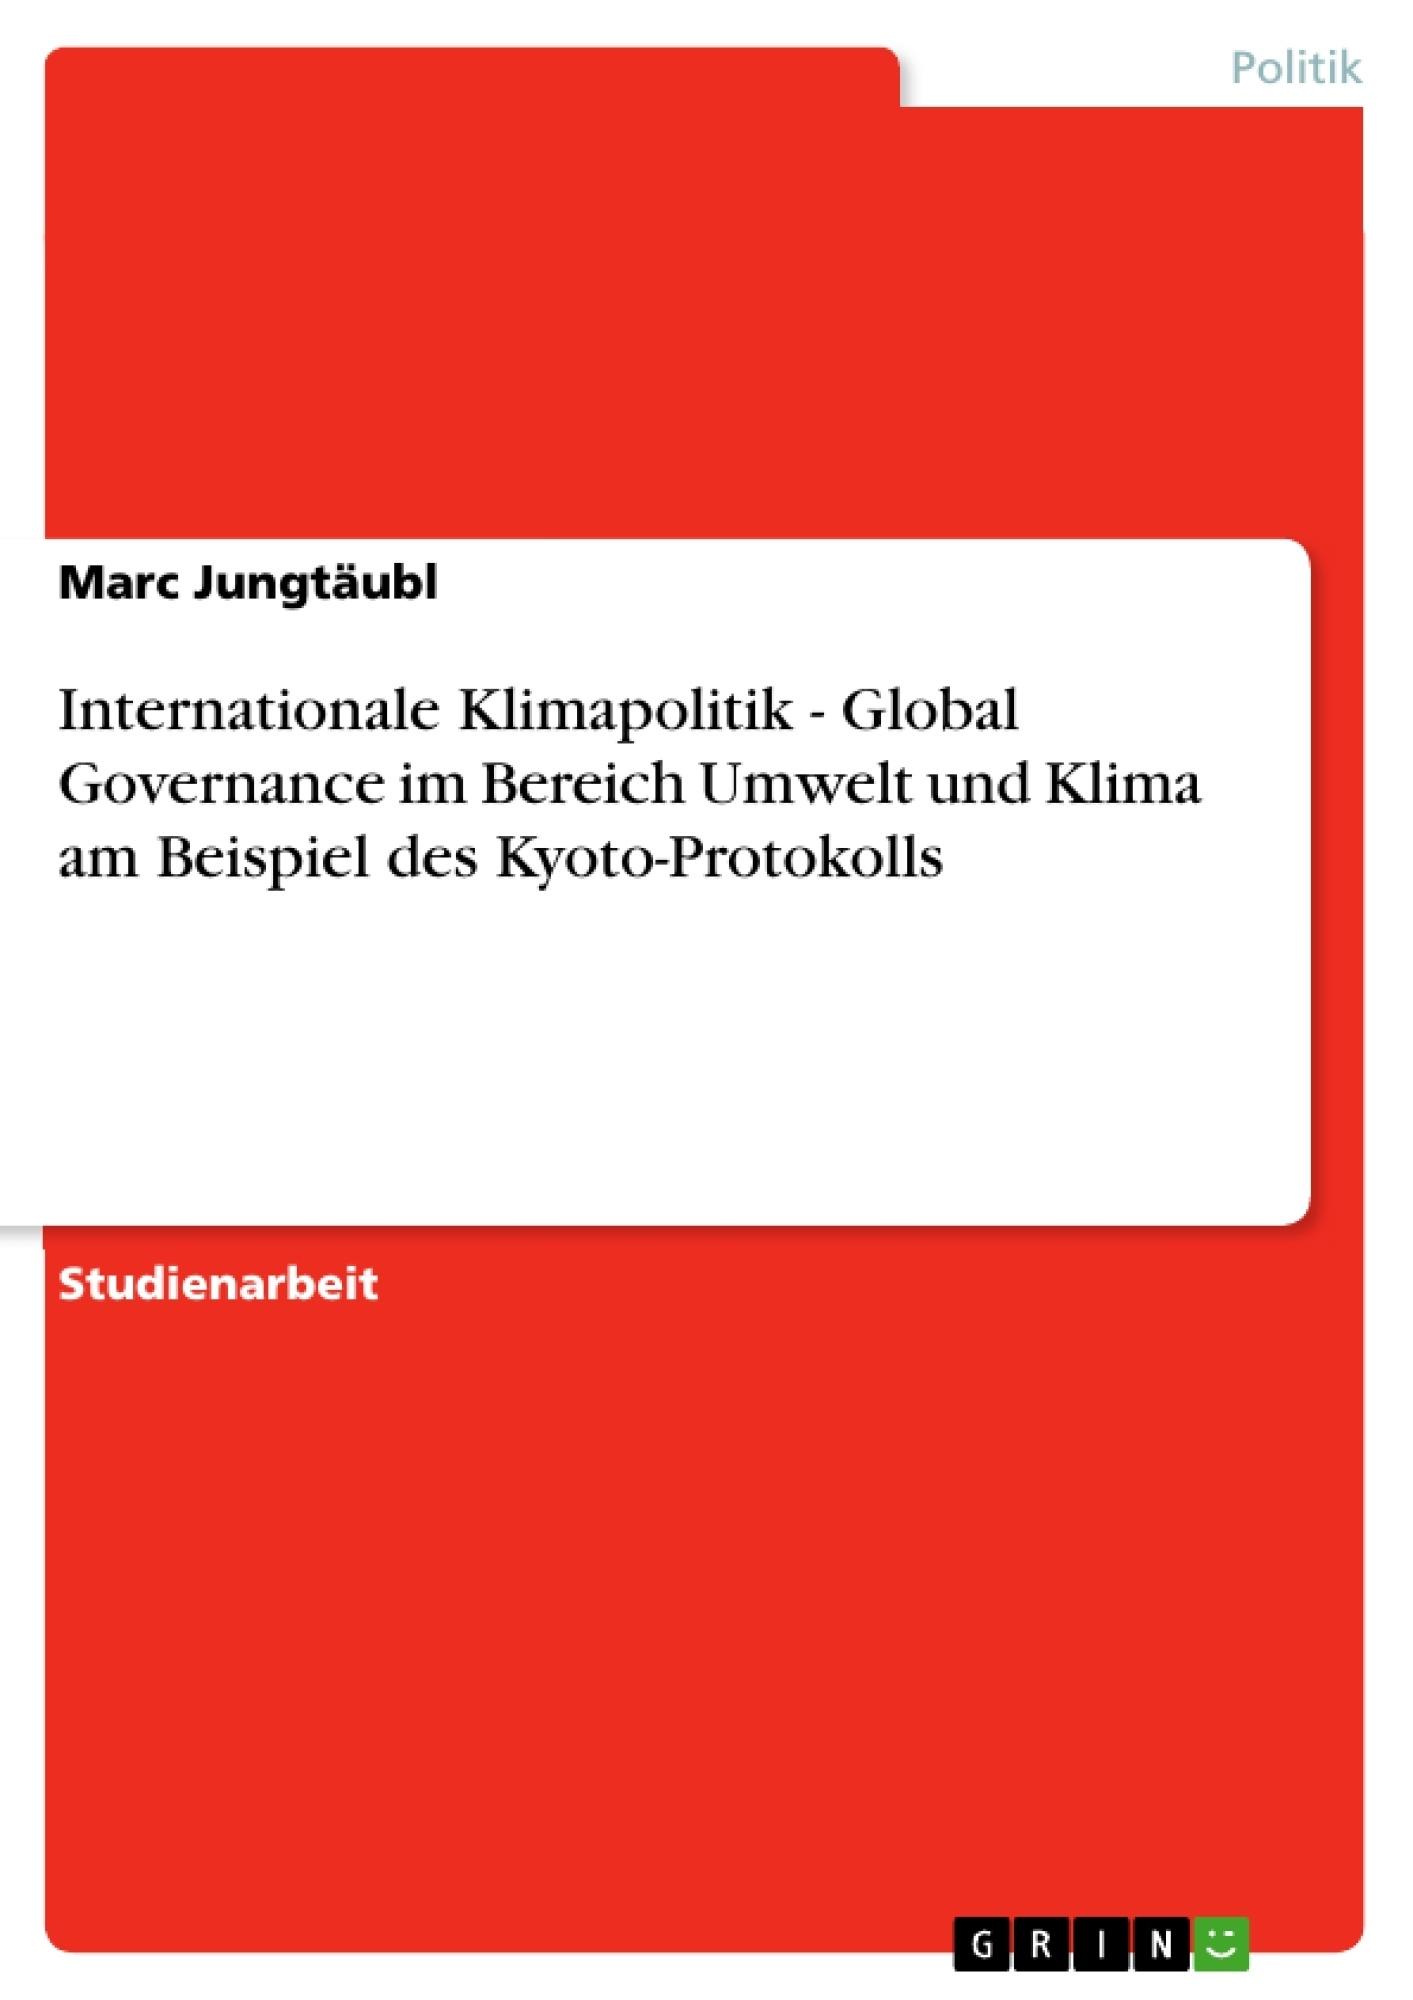 Titel: Internationale Klimapolitik - Global Governance im Bereich Umwelt und Klima am Beispiel des Kyoto-Protokolls